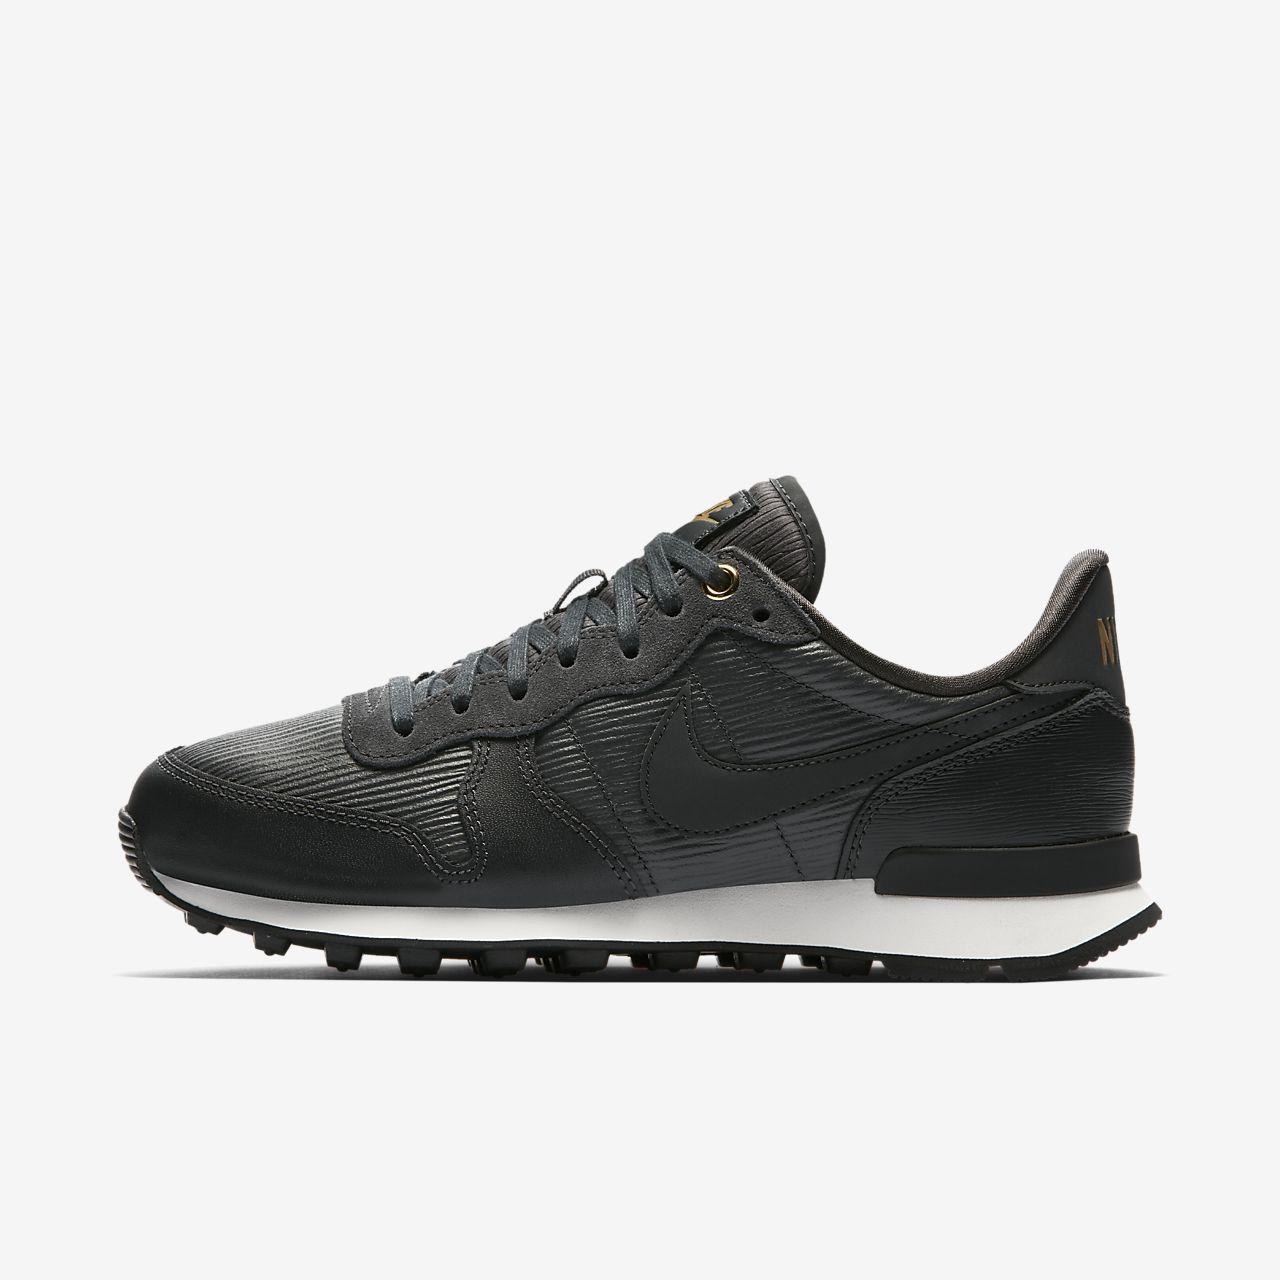 new concept d3f3b 8a64d Chaussure Nike Internationalist Premium pour Femme ...